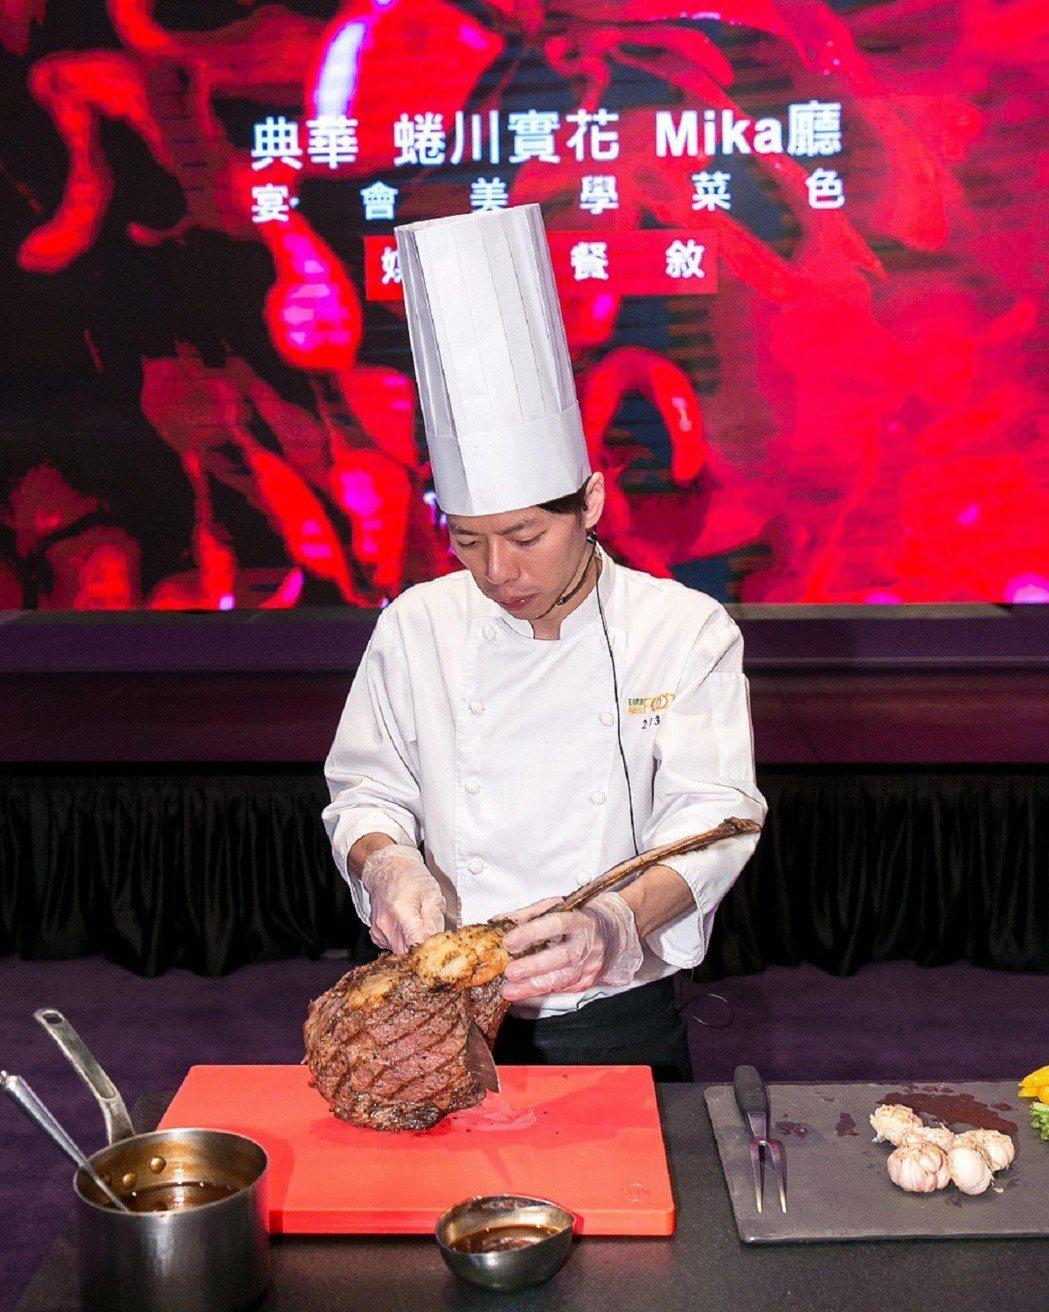 典華蜷川實花Mika廳頂級宴會料理,由西餐主廚做戰斧牛排現切服務,讓賓客品嚐到最...